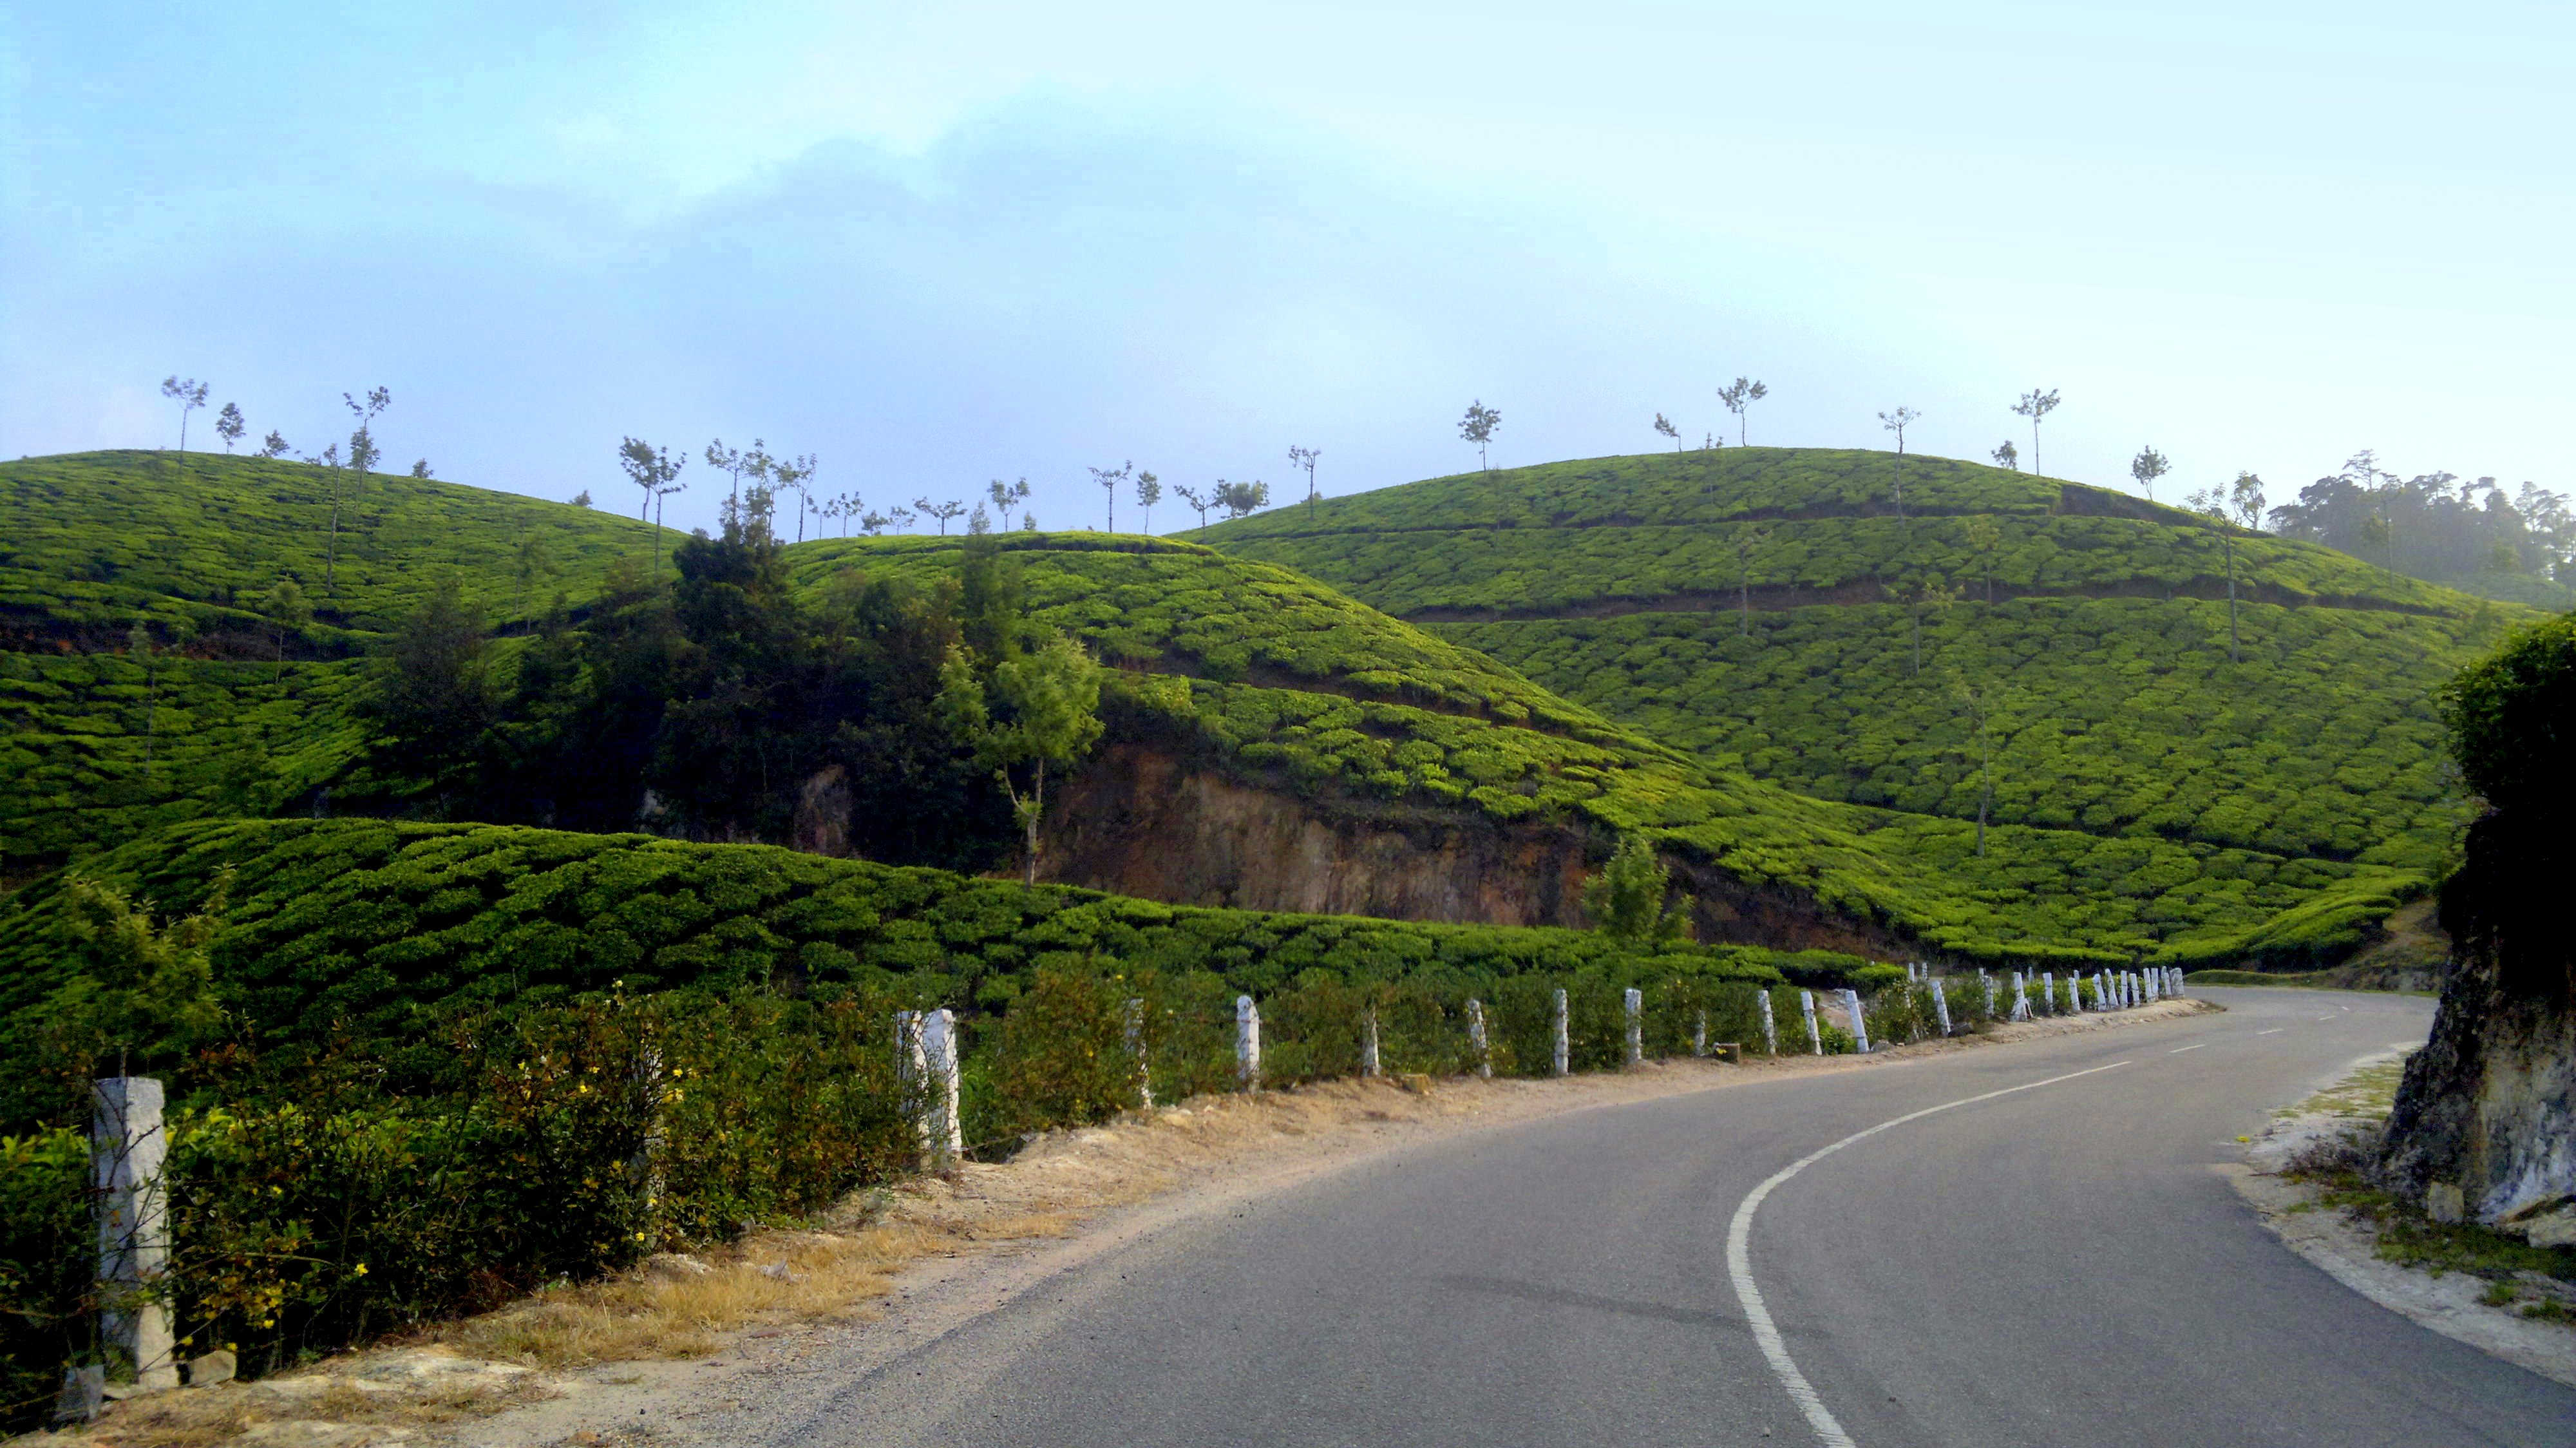 https://upload.wikimedia.org/wikipedia/commons/b/bb/Enroute_suryanelli_-_panoramio.jpg